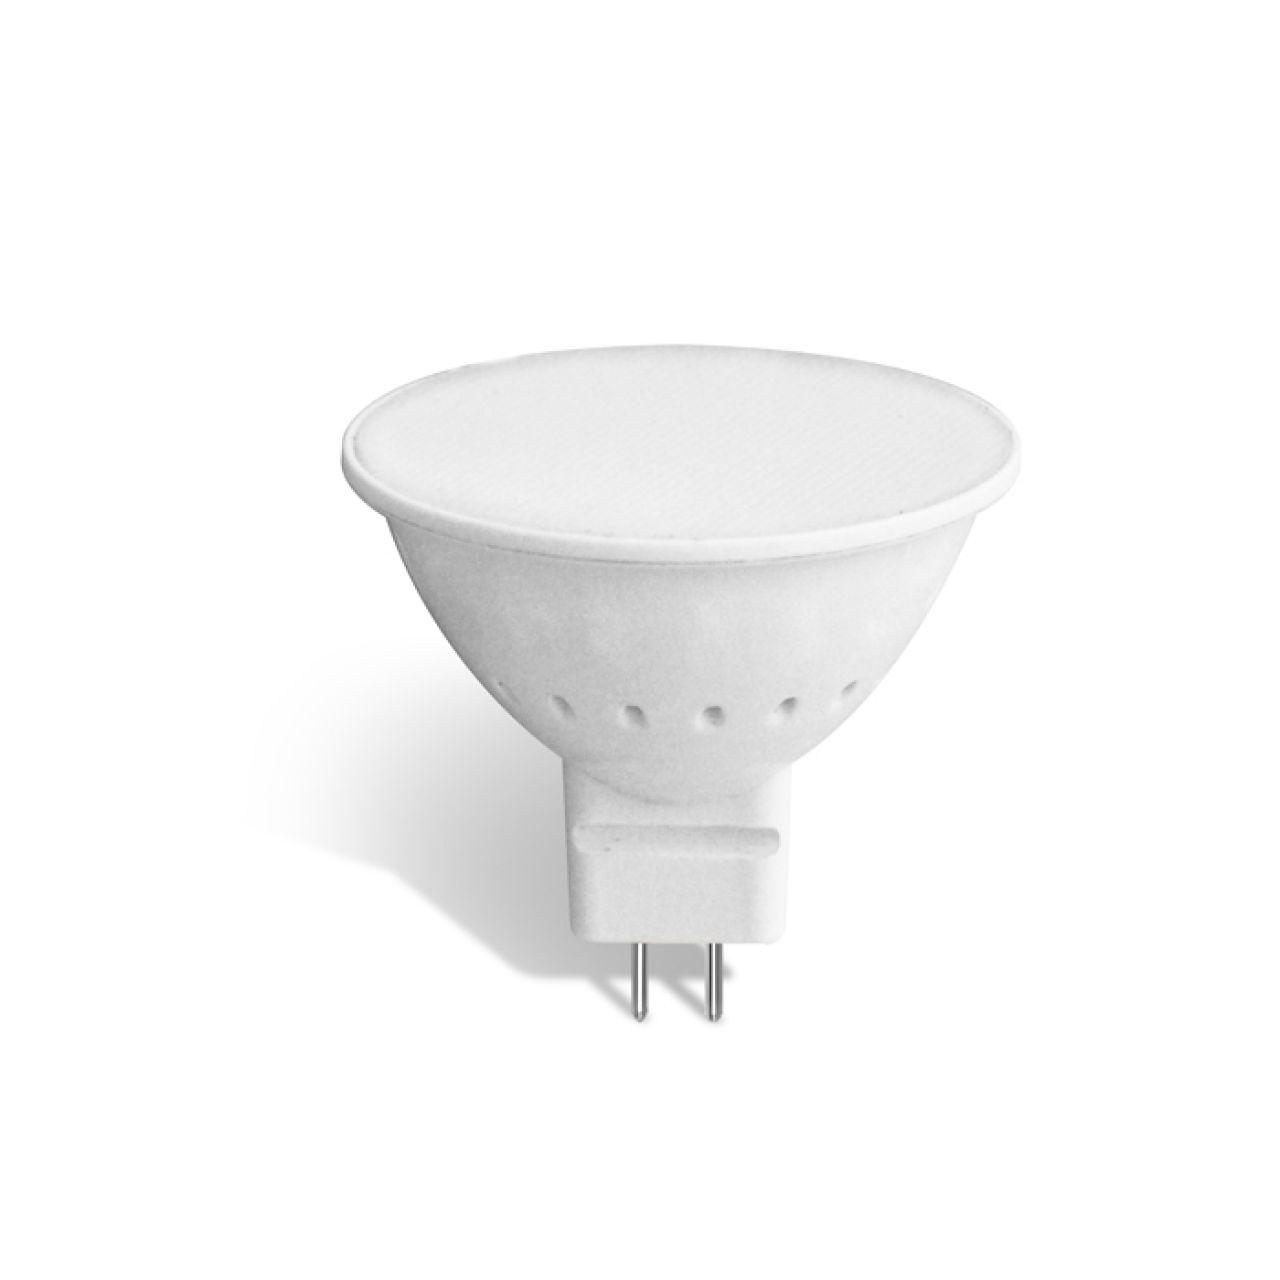 Купить Лампа светодиодная Jcdr-g5.3-220v-7w тб, Estares, светодиодная лампа, Китай